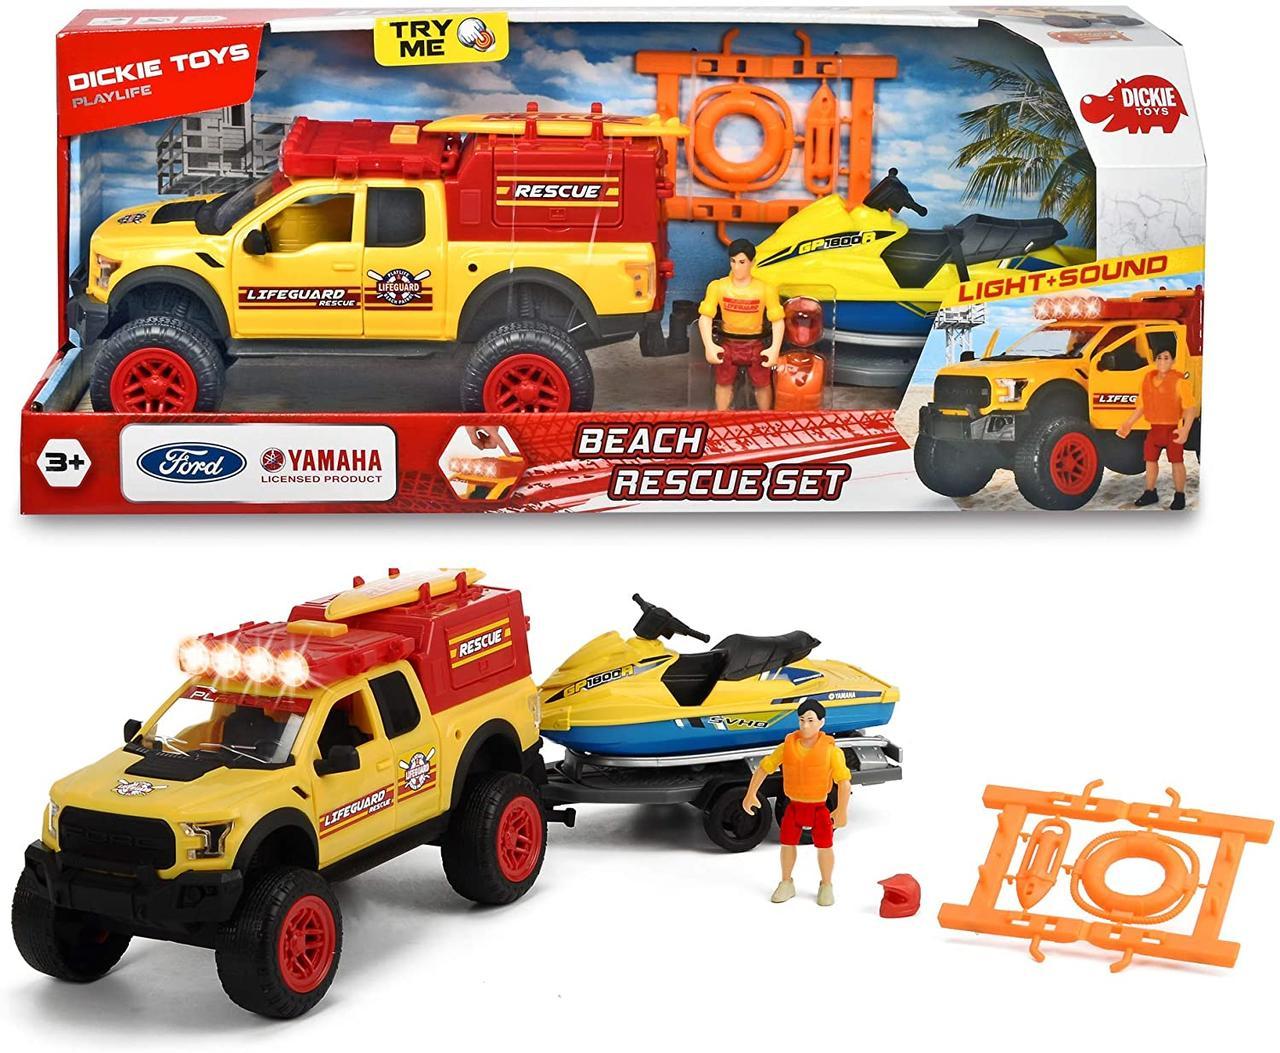 Игровой набор Playlife. Пляжный Патруль Dickie toys 3837008